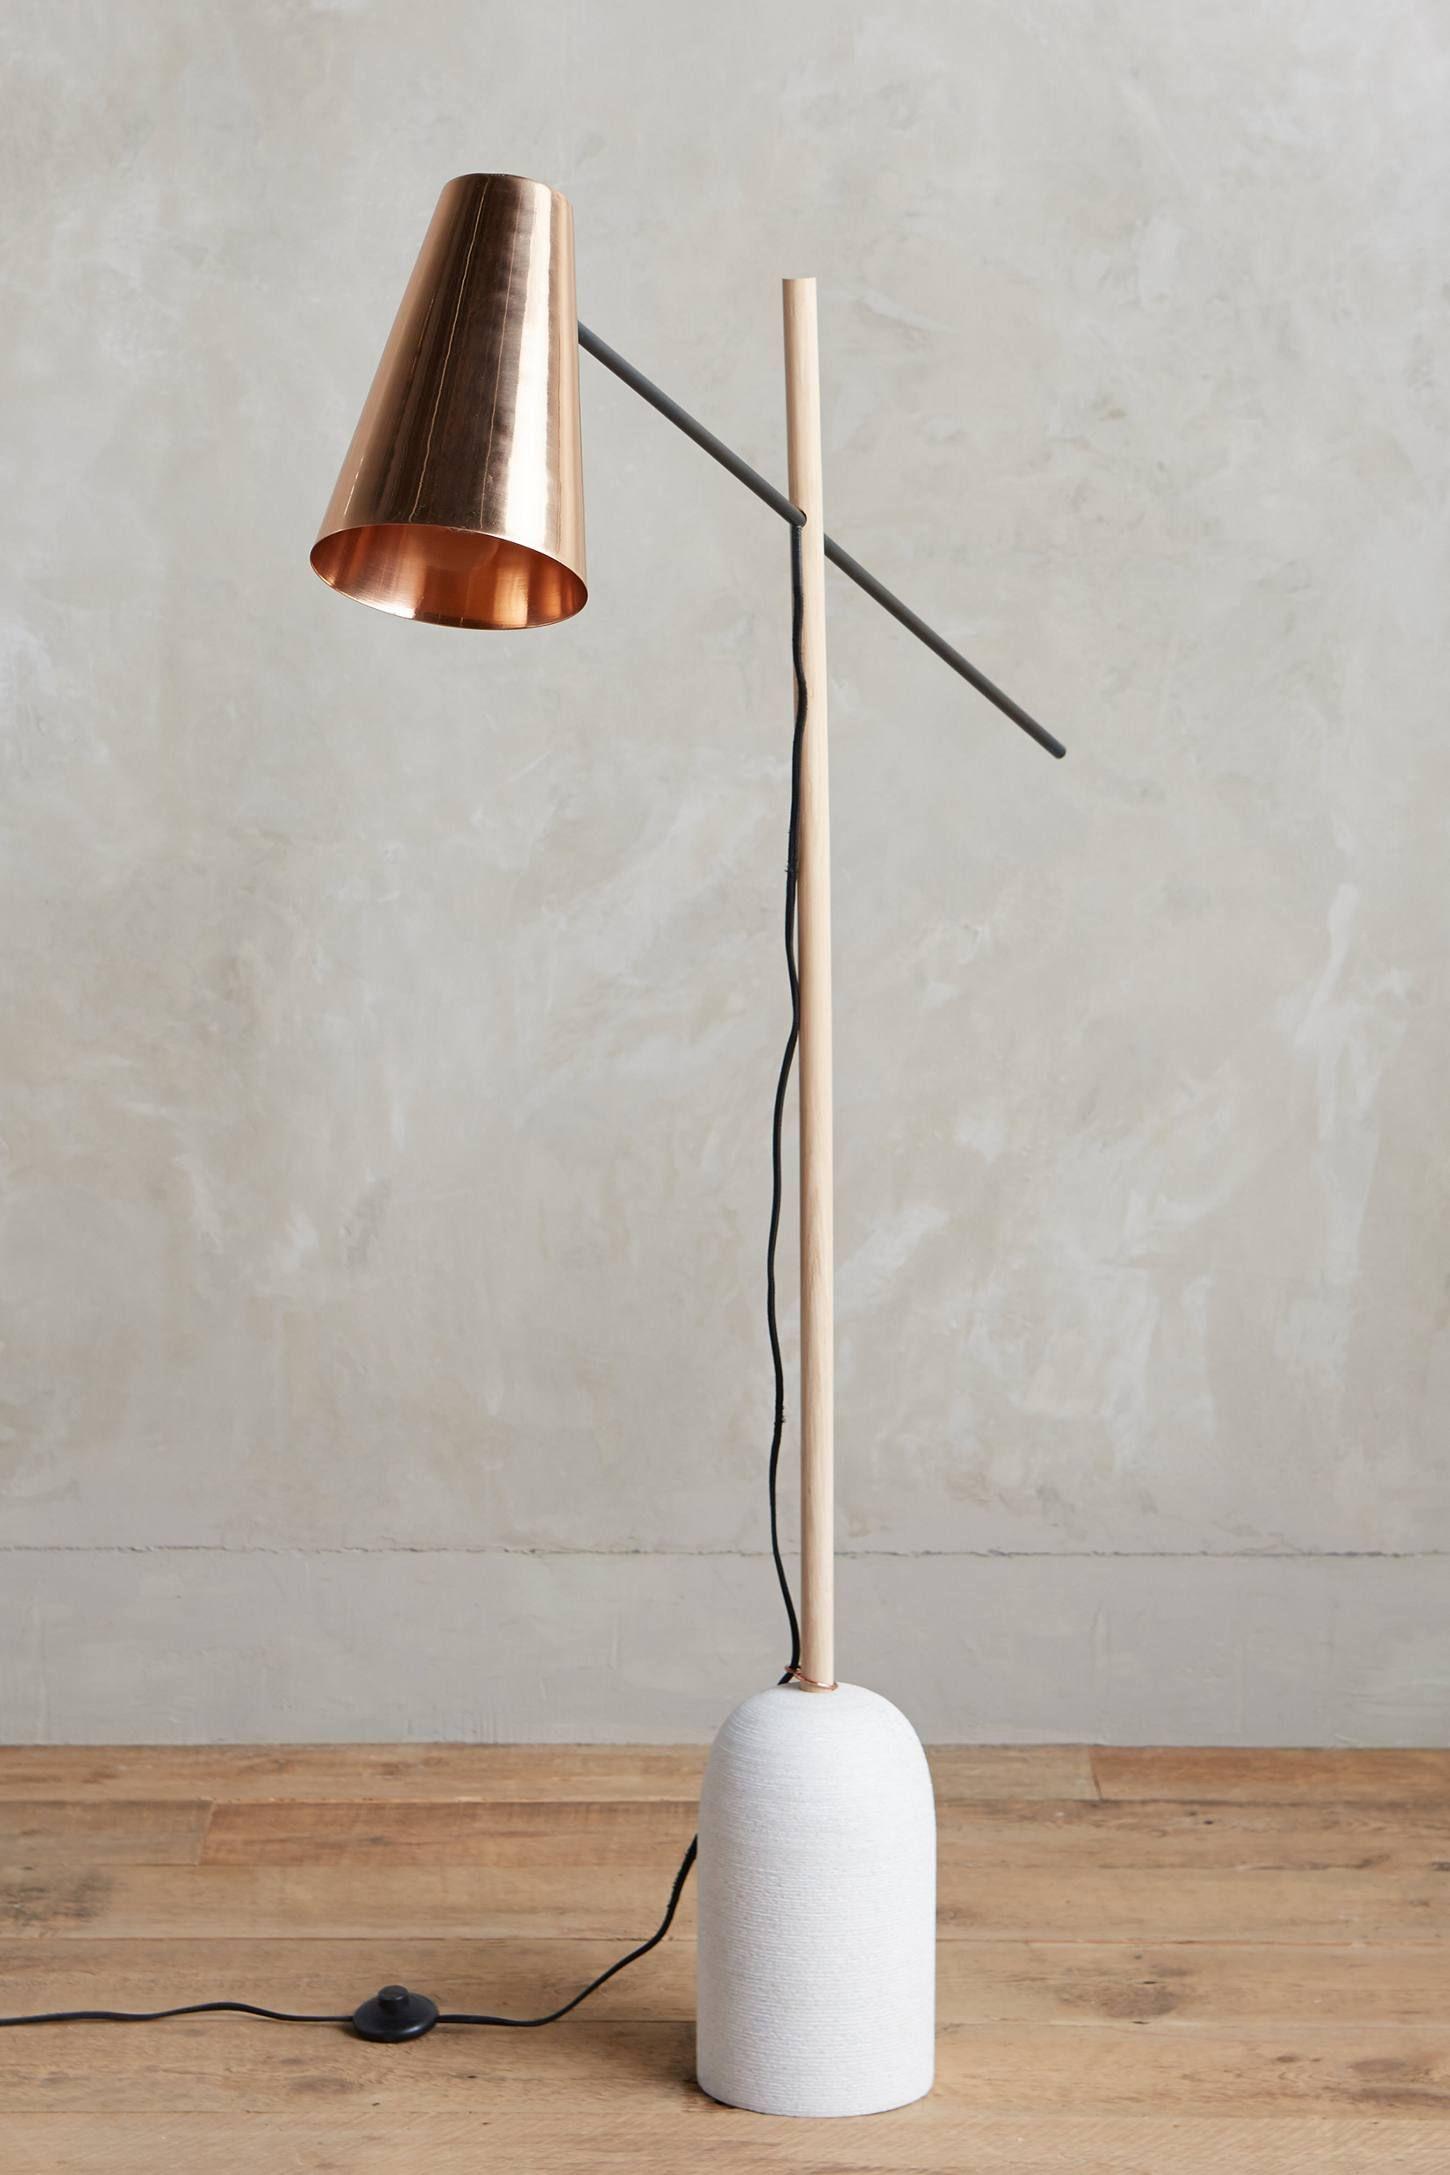 Slanted Copper Floor Lamp Copper Floor Lamp Floor Lamp Copper Table Lamp